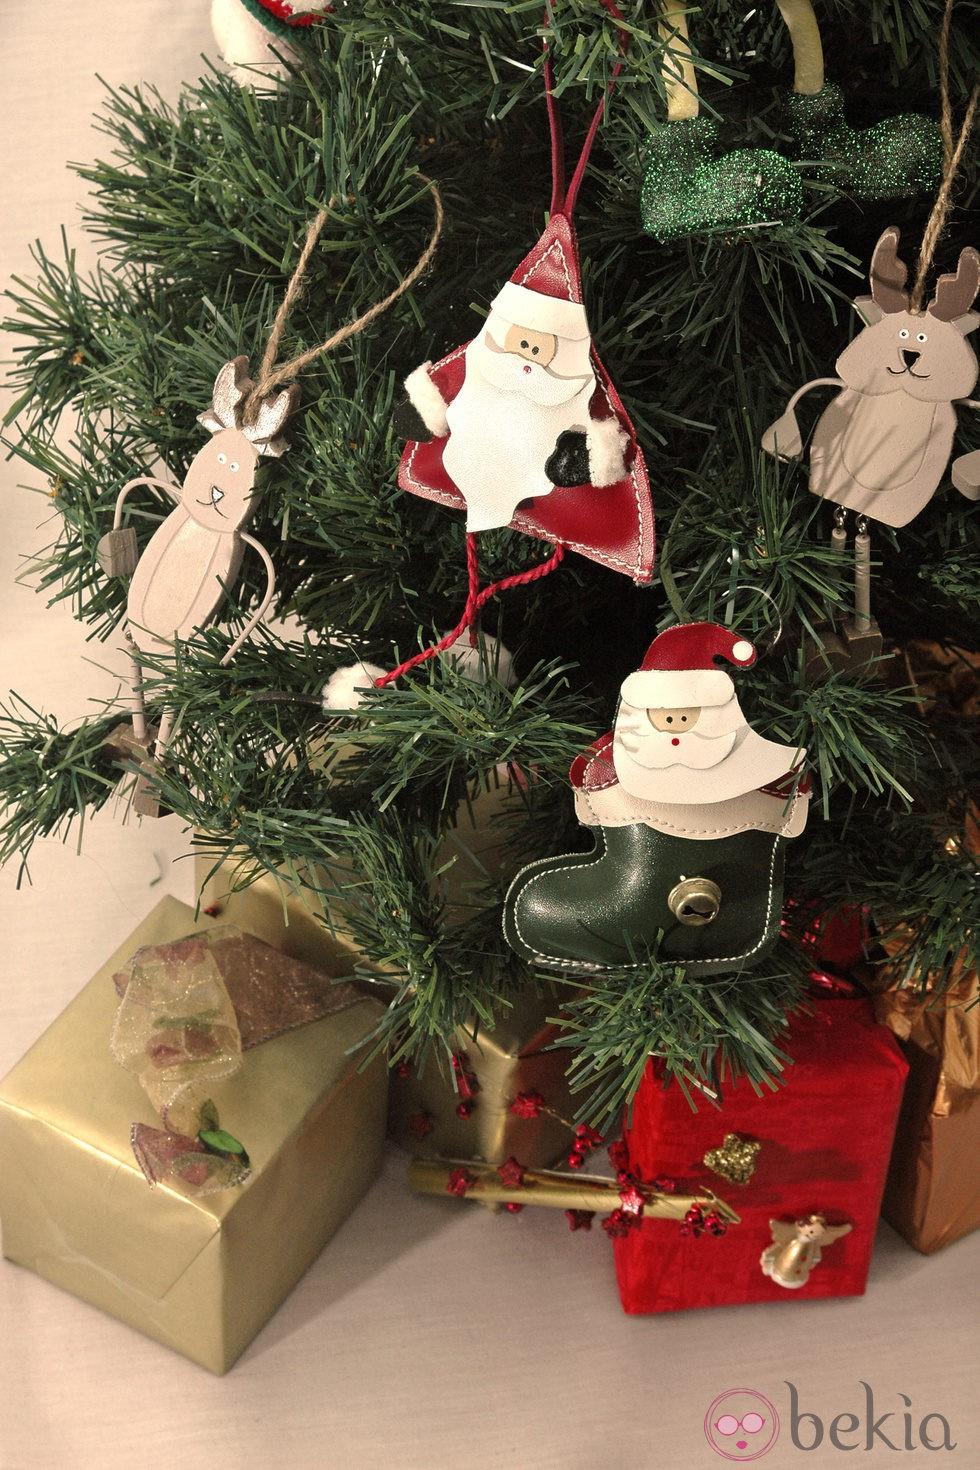 Rbol de navidad decorado con mu ecos de pap noel ideas for Ideas para decorar el arbol de navidad